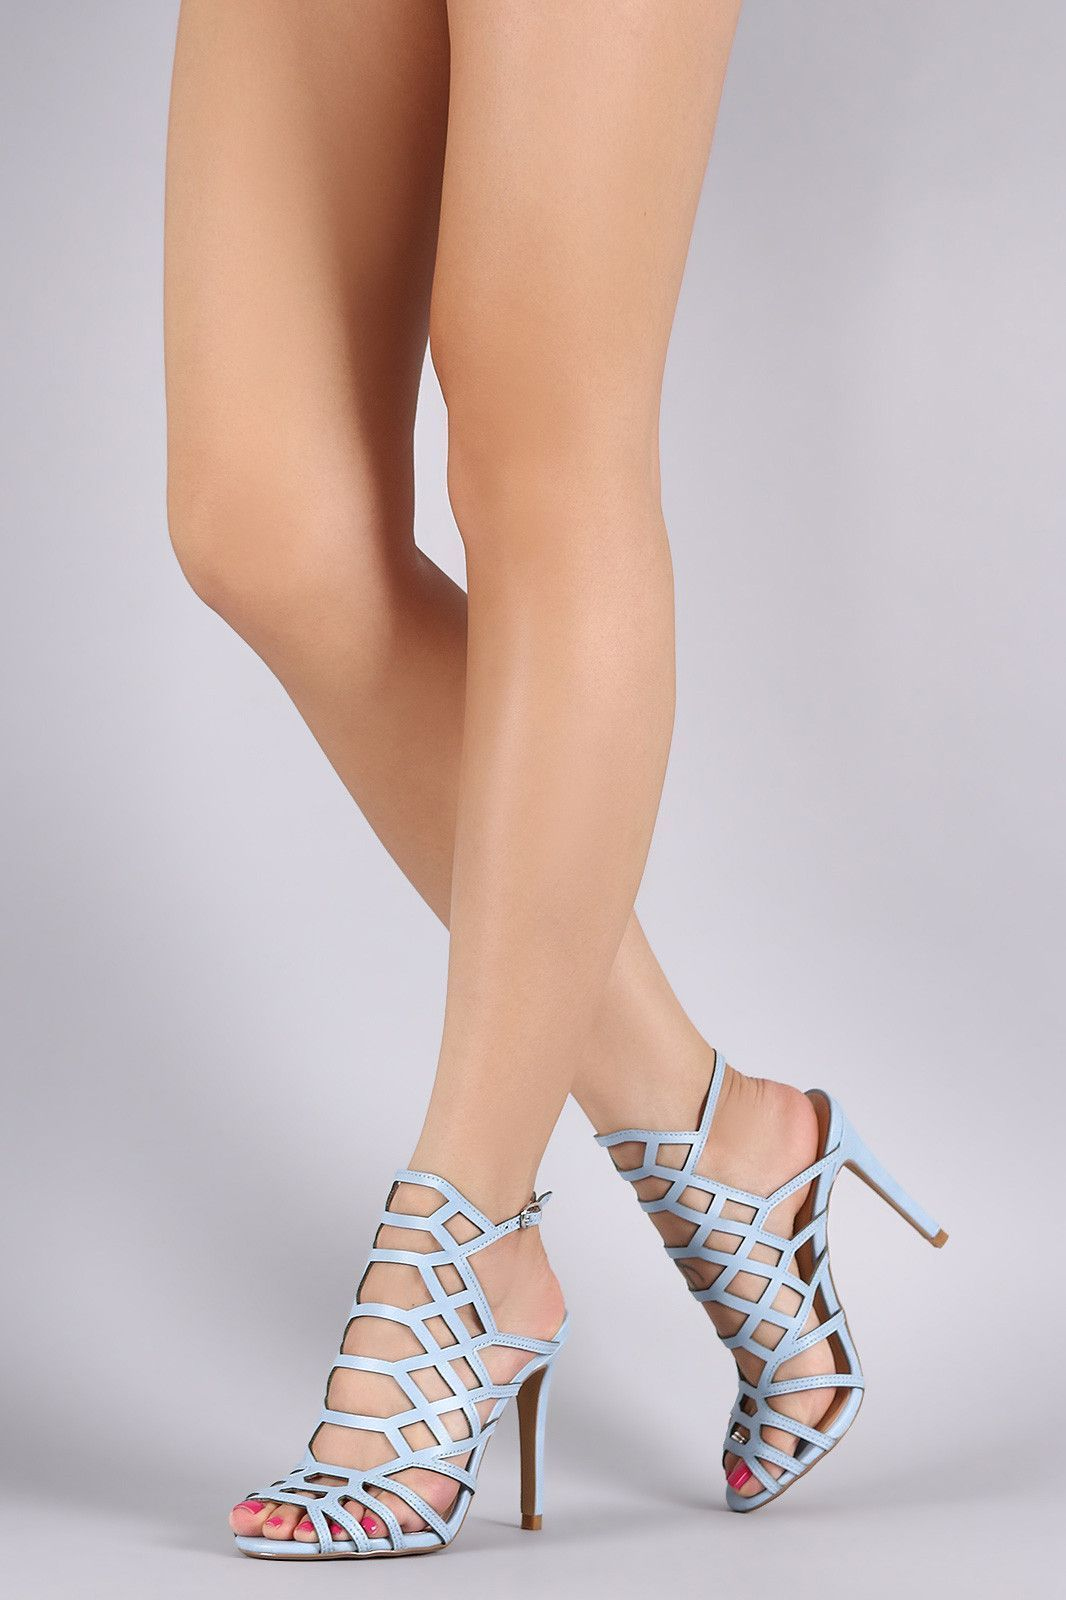 Caged Peep Toe Stiletto Heel